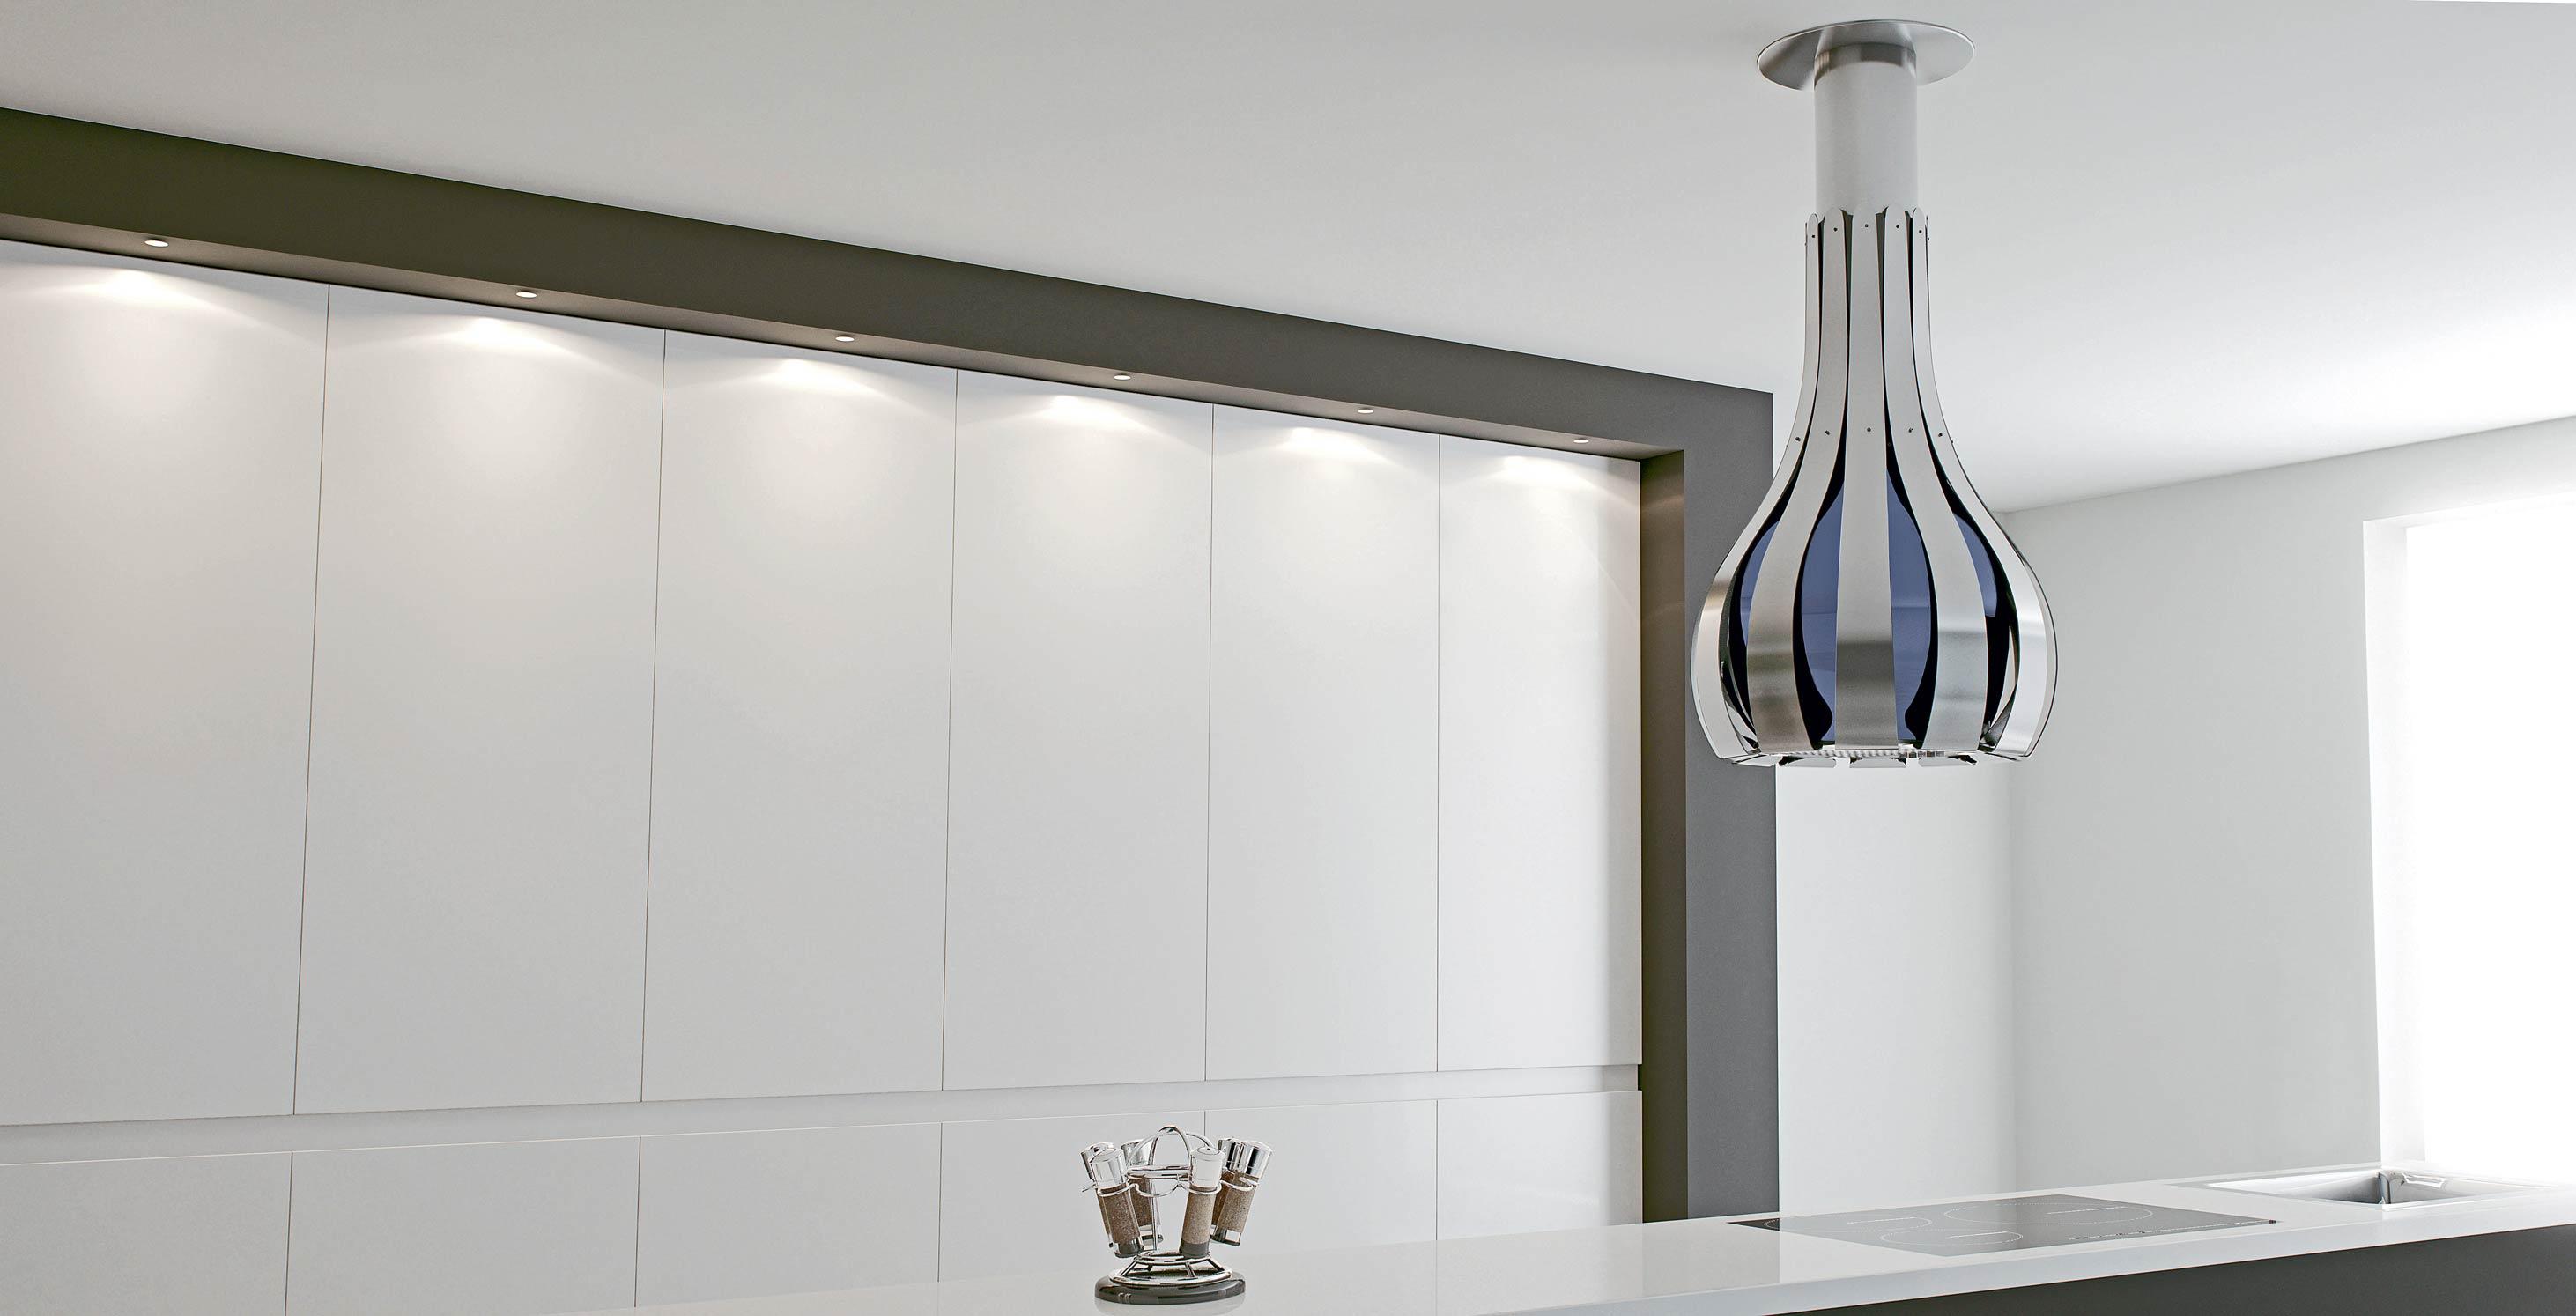 Ouvrir Une Cuisine Fermée cuisines ouvertes ou fermées ? - de fil en déco